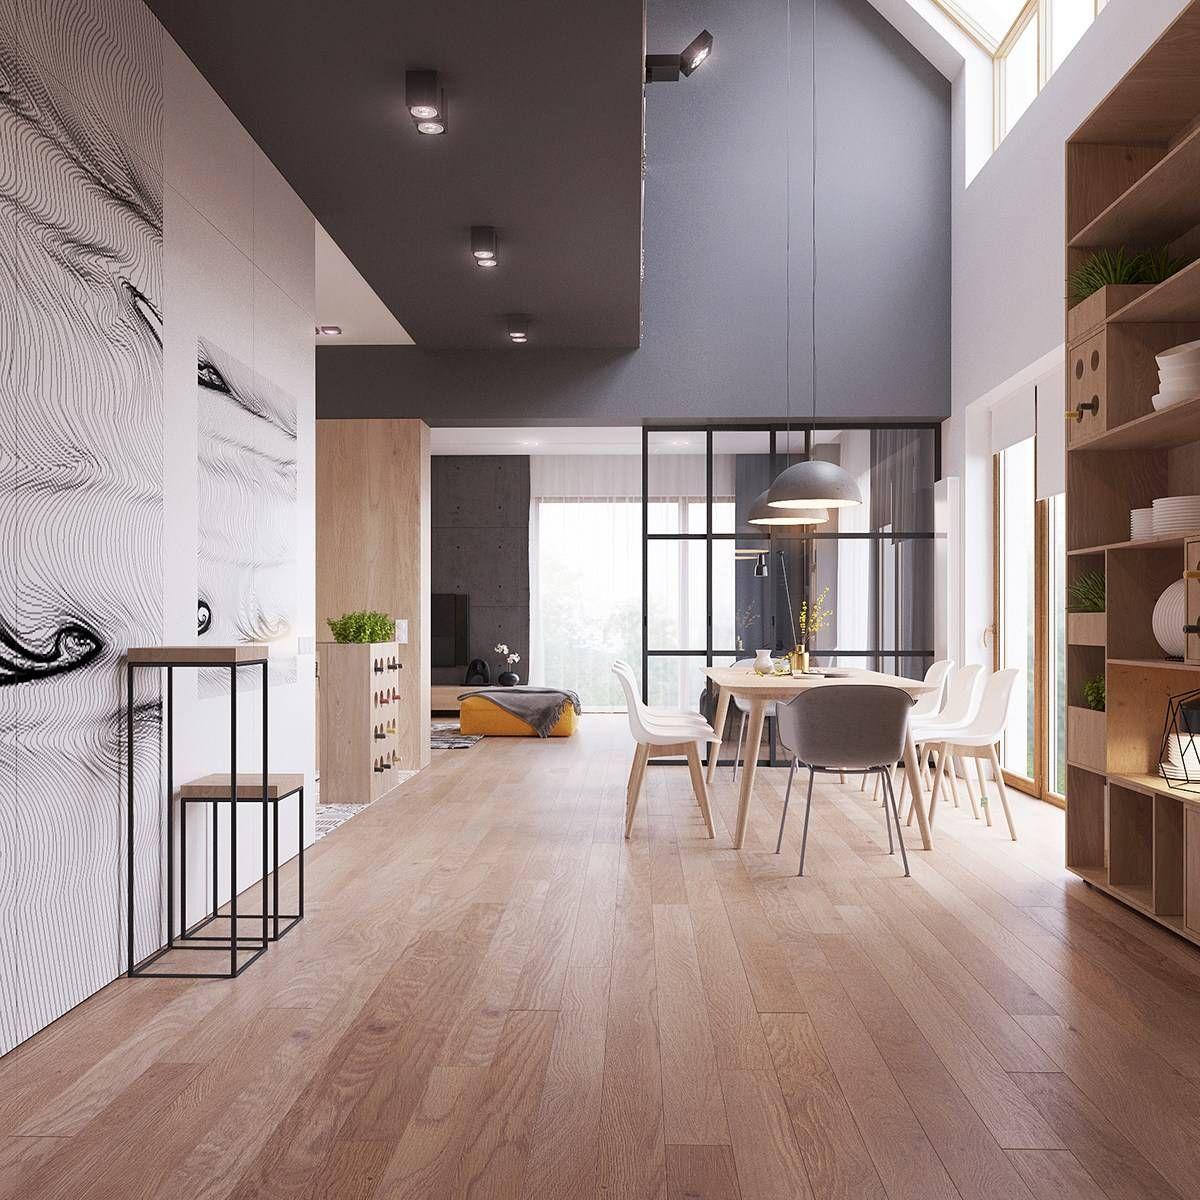 Open Space Cucina E Soggiorno originale appartamento stile scandinavo moderno. design